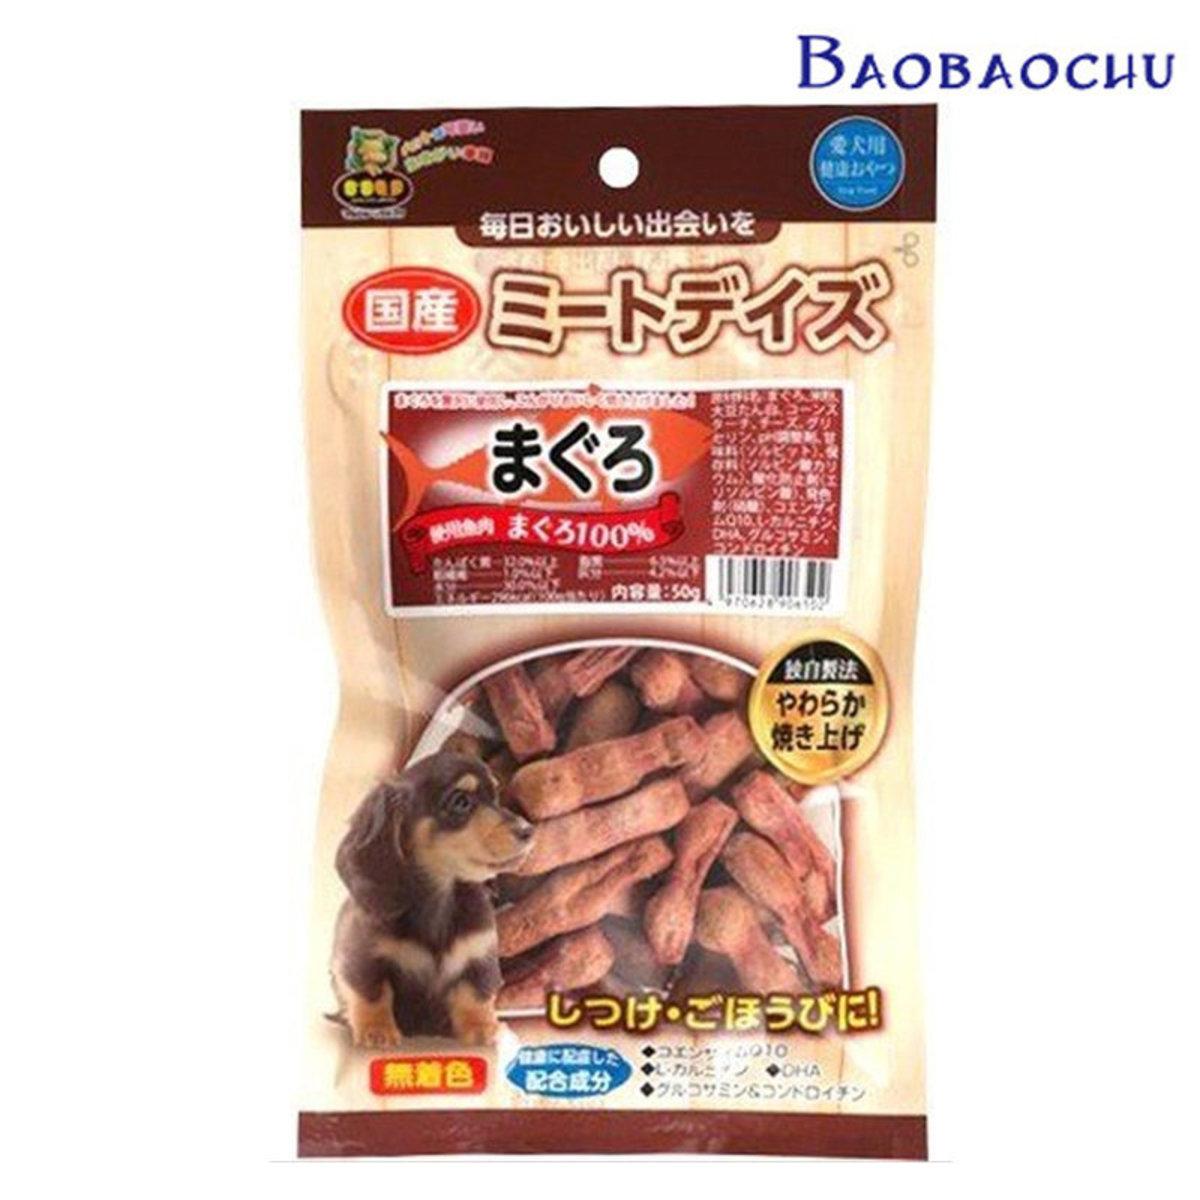 軟烤吞拿魚肉條- 50克(MRJ-6502)